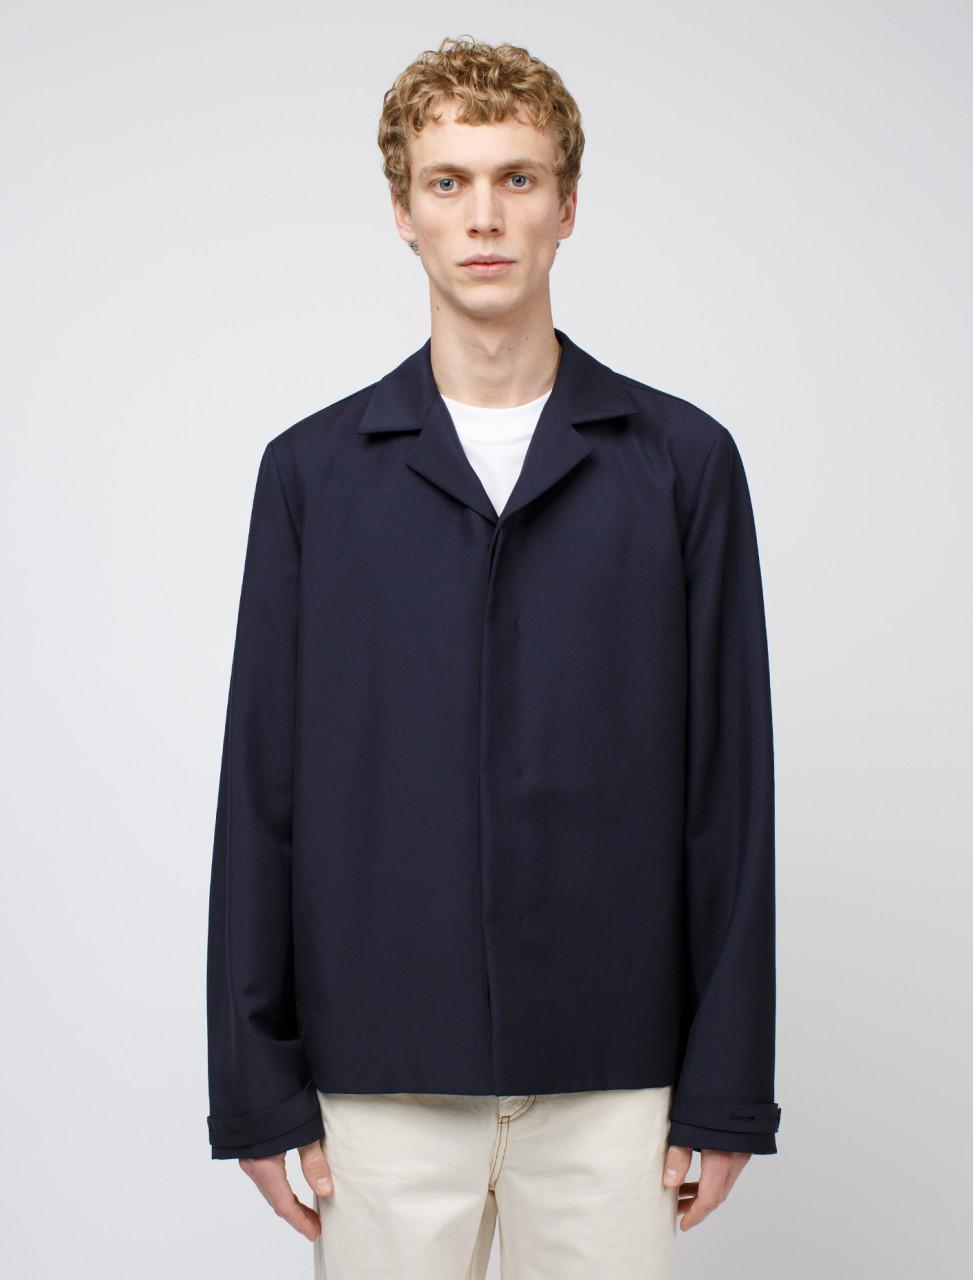 Shirt Jacket in Dark Blue